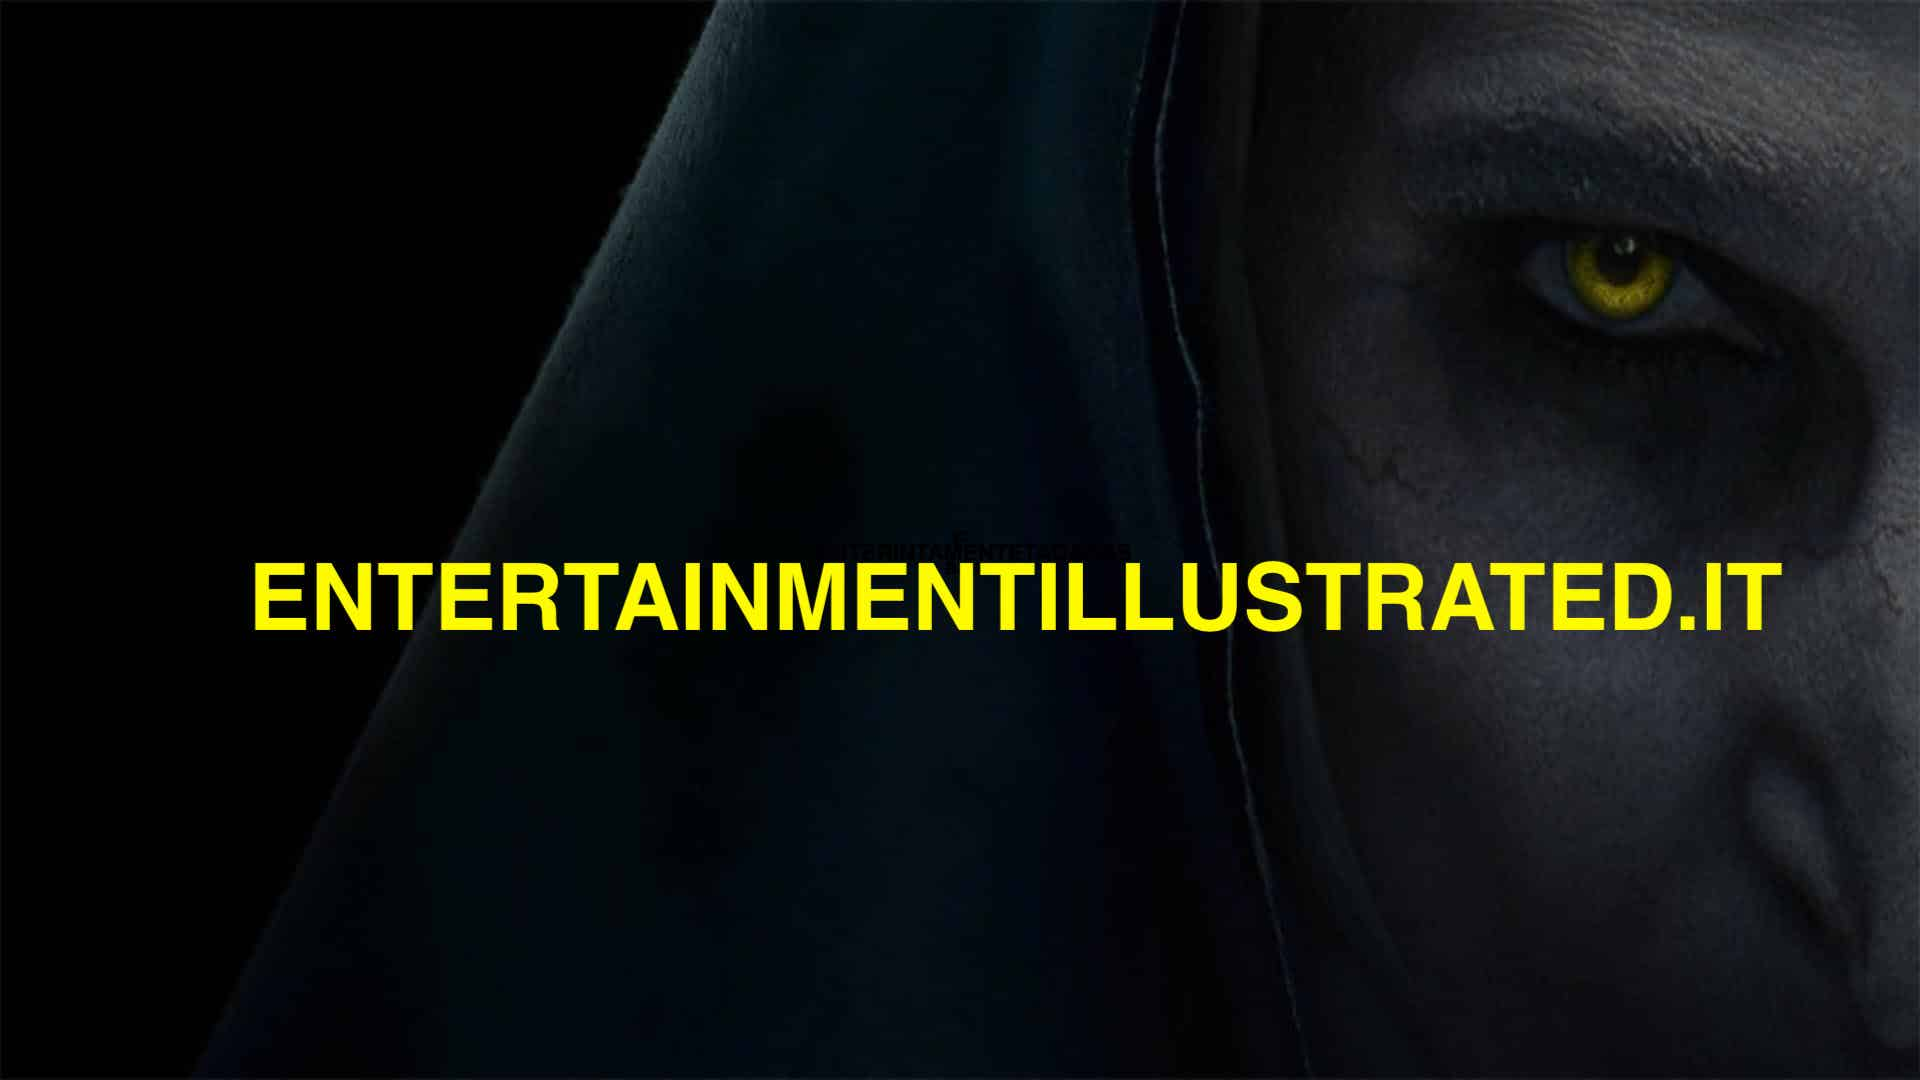 X-Files 11 e Io C'è, Fox annuncia i 2 nuovi prodotti homevideo